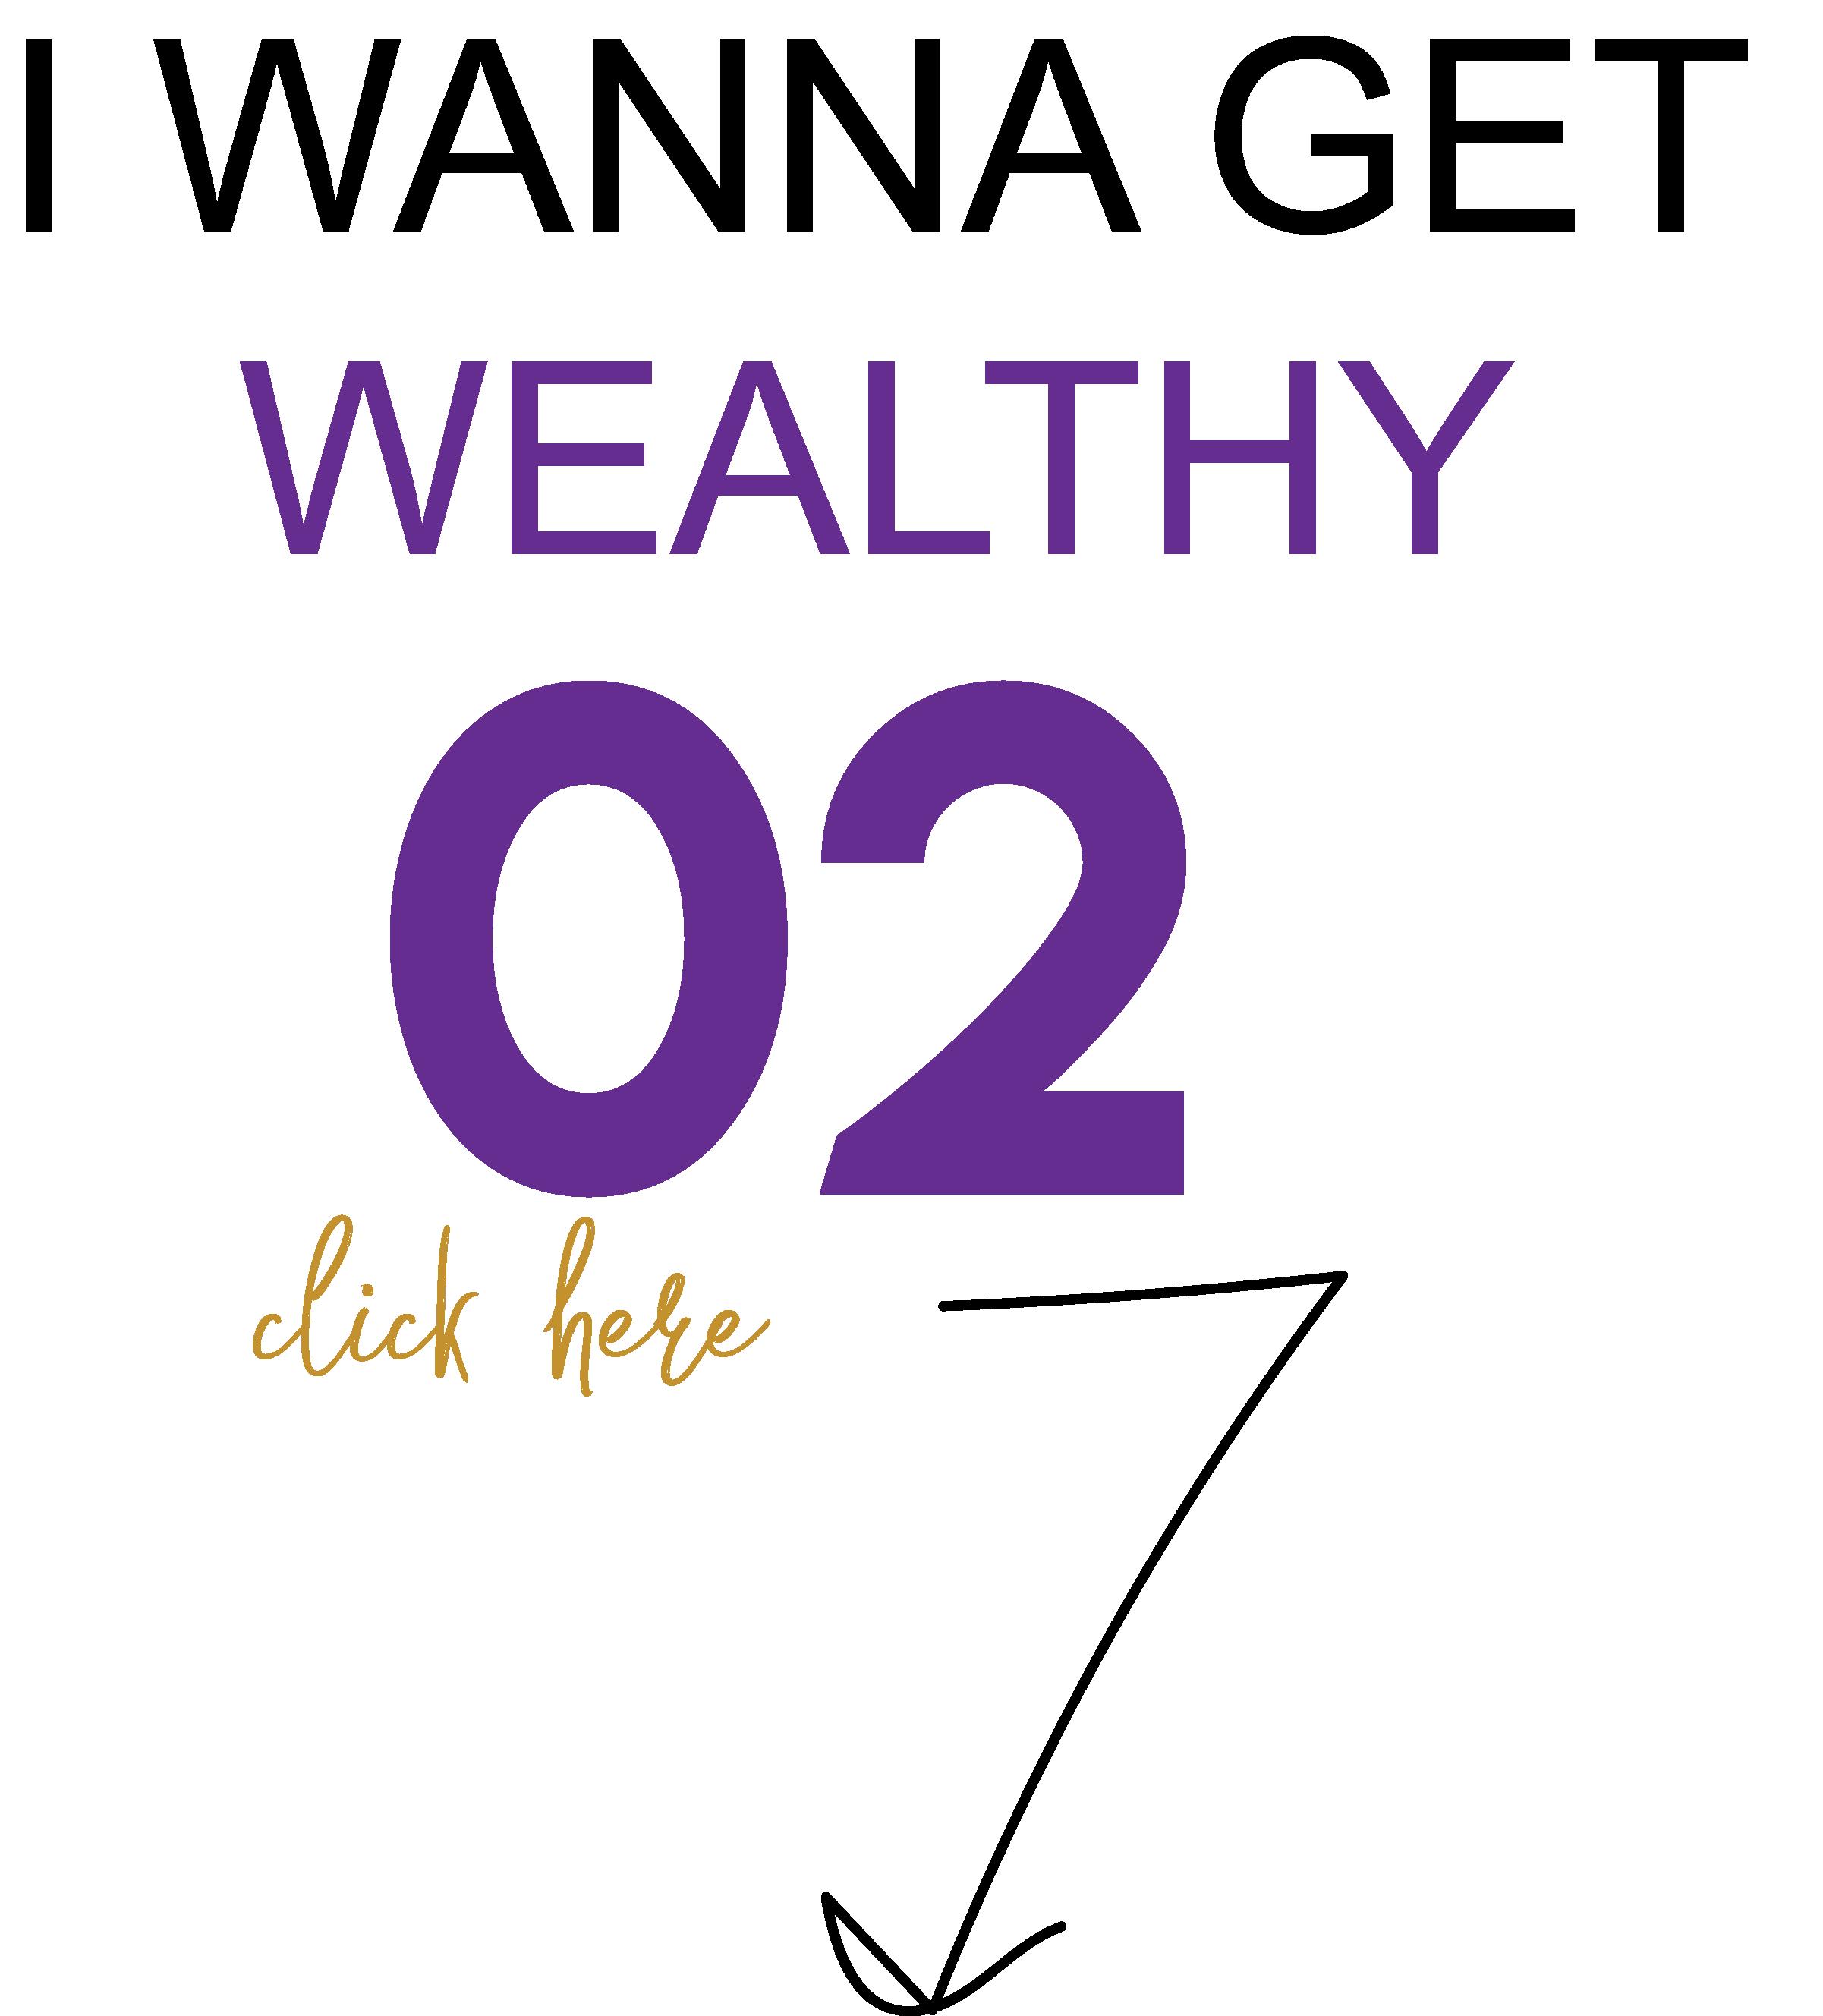 getwealthy02.png